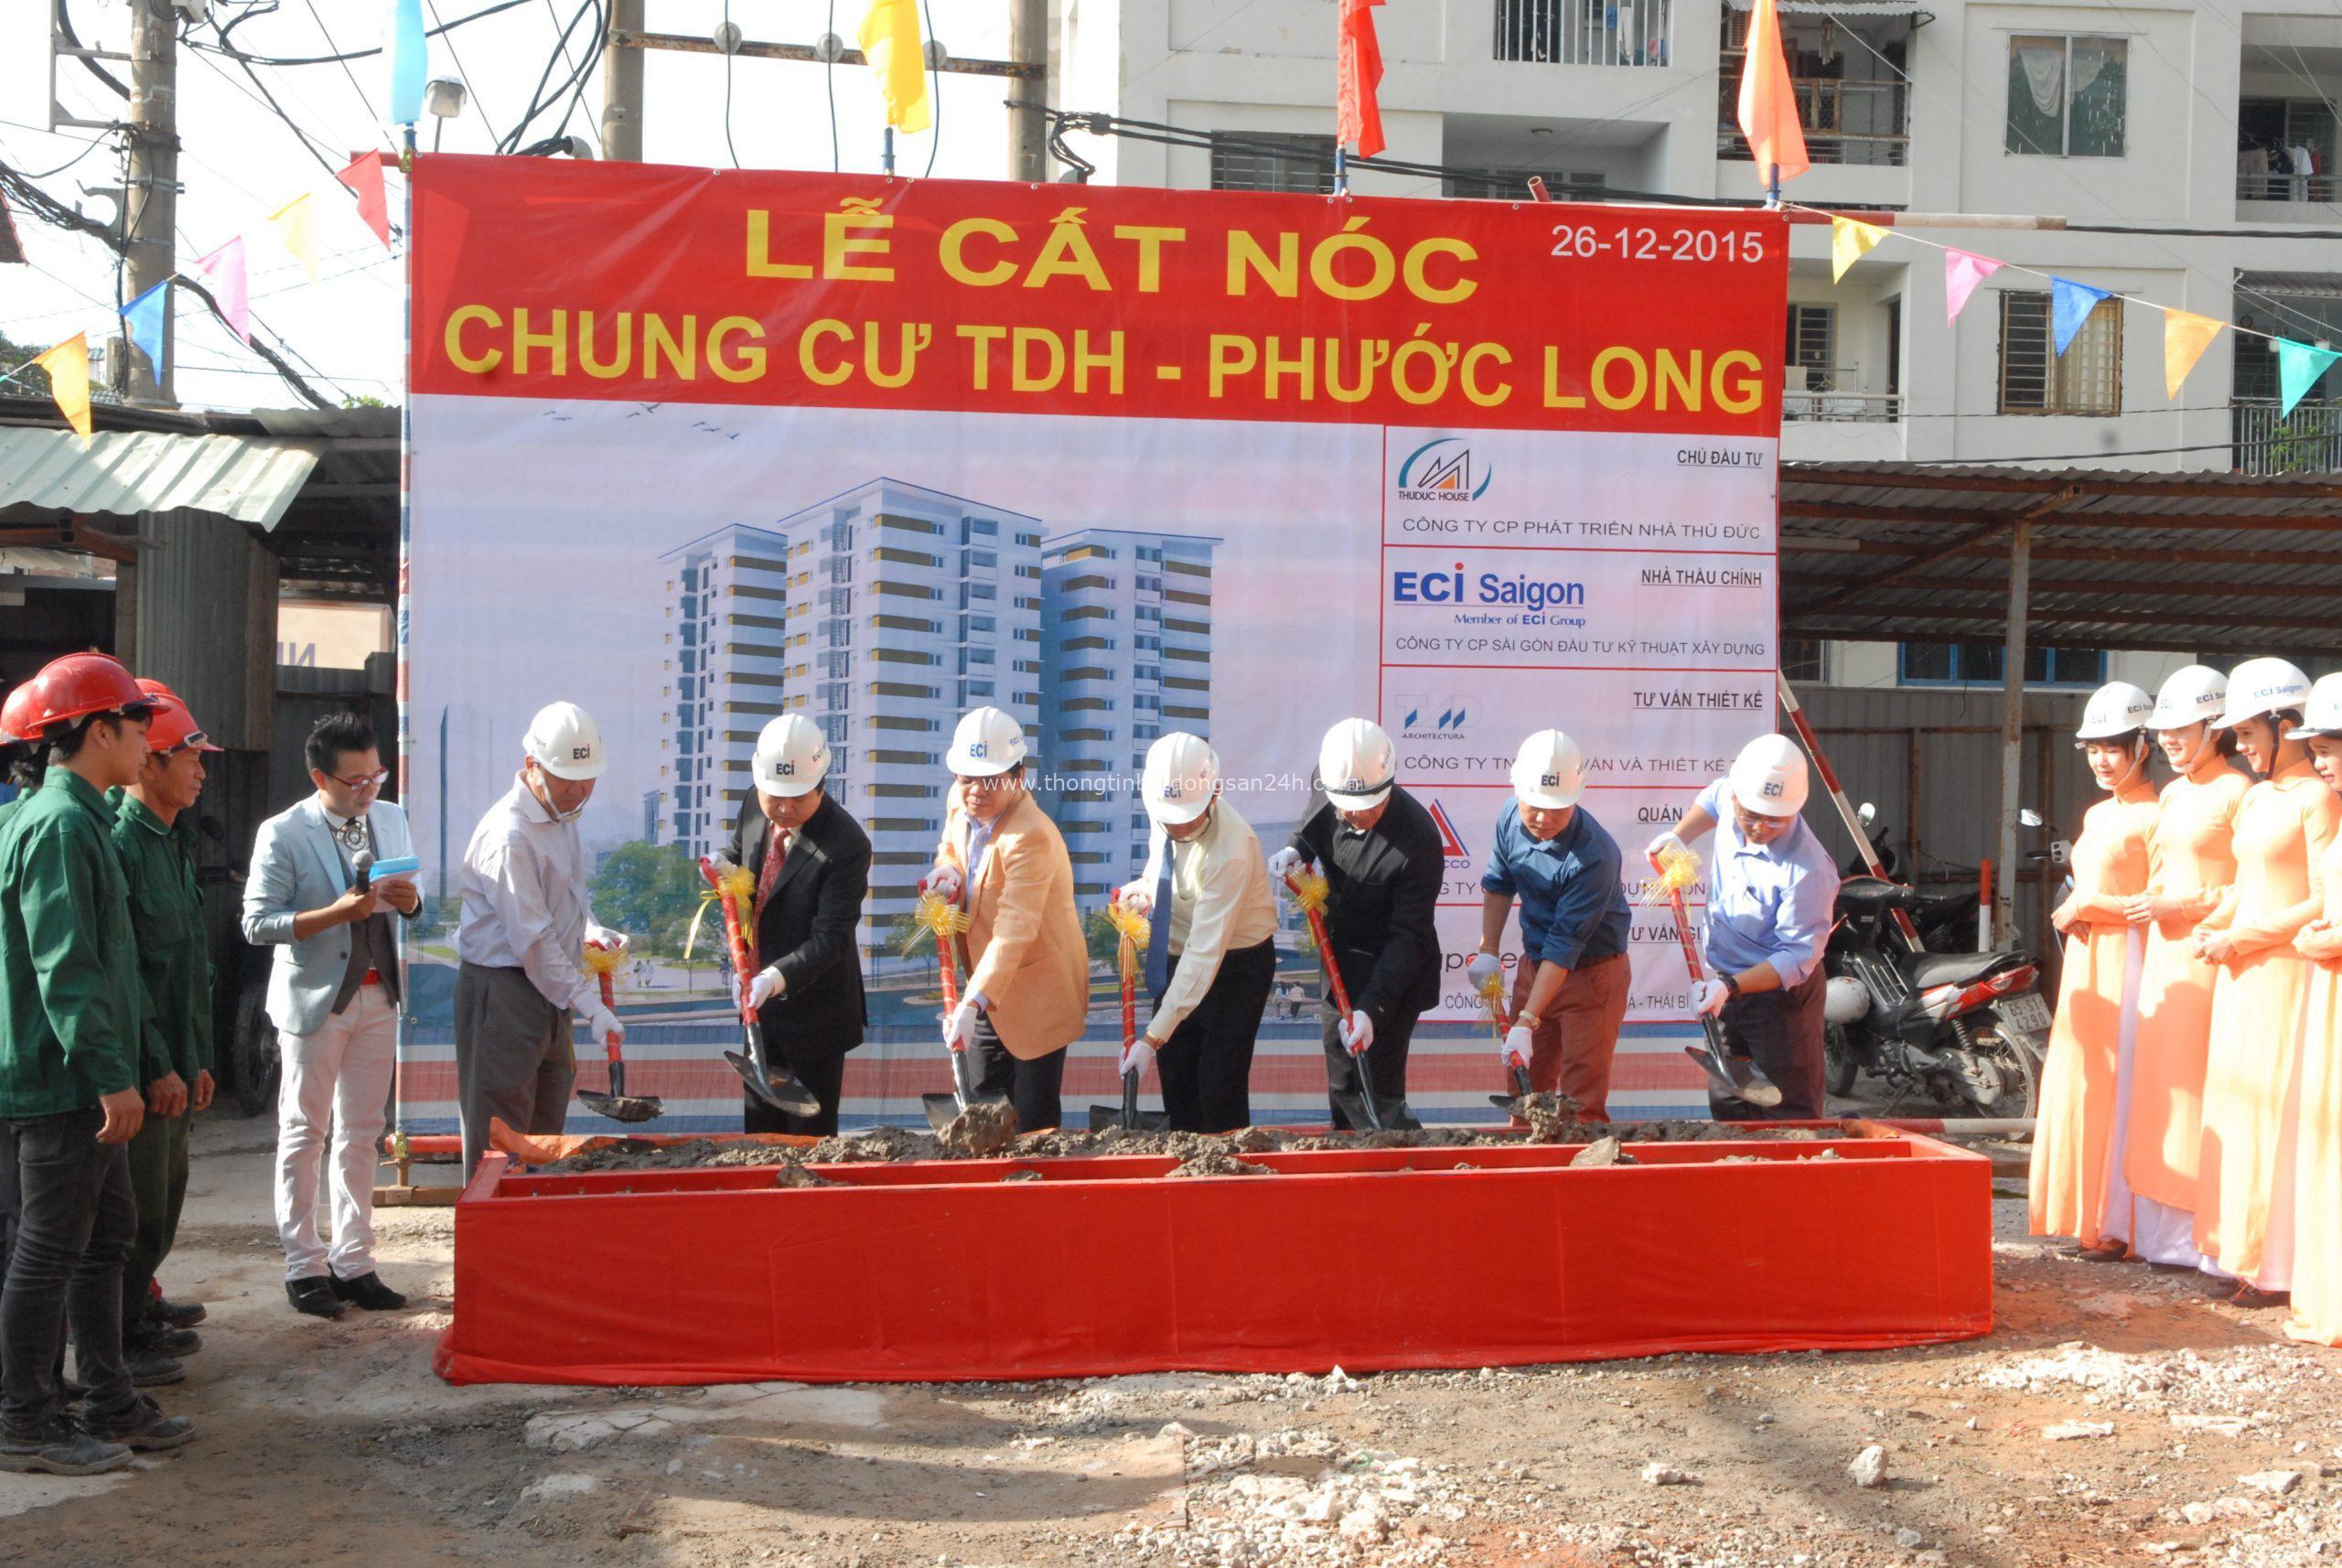 Thuduc House cất nóc chung cư TDH-Phước Long 4